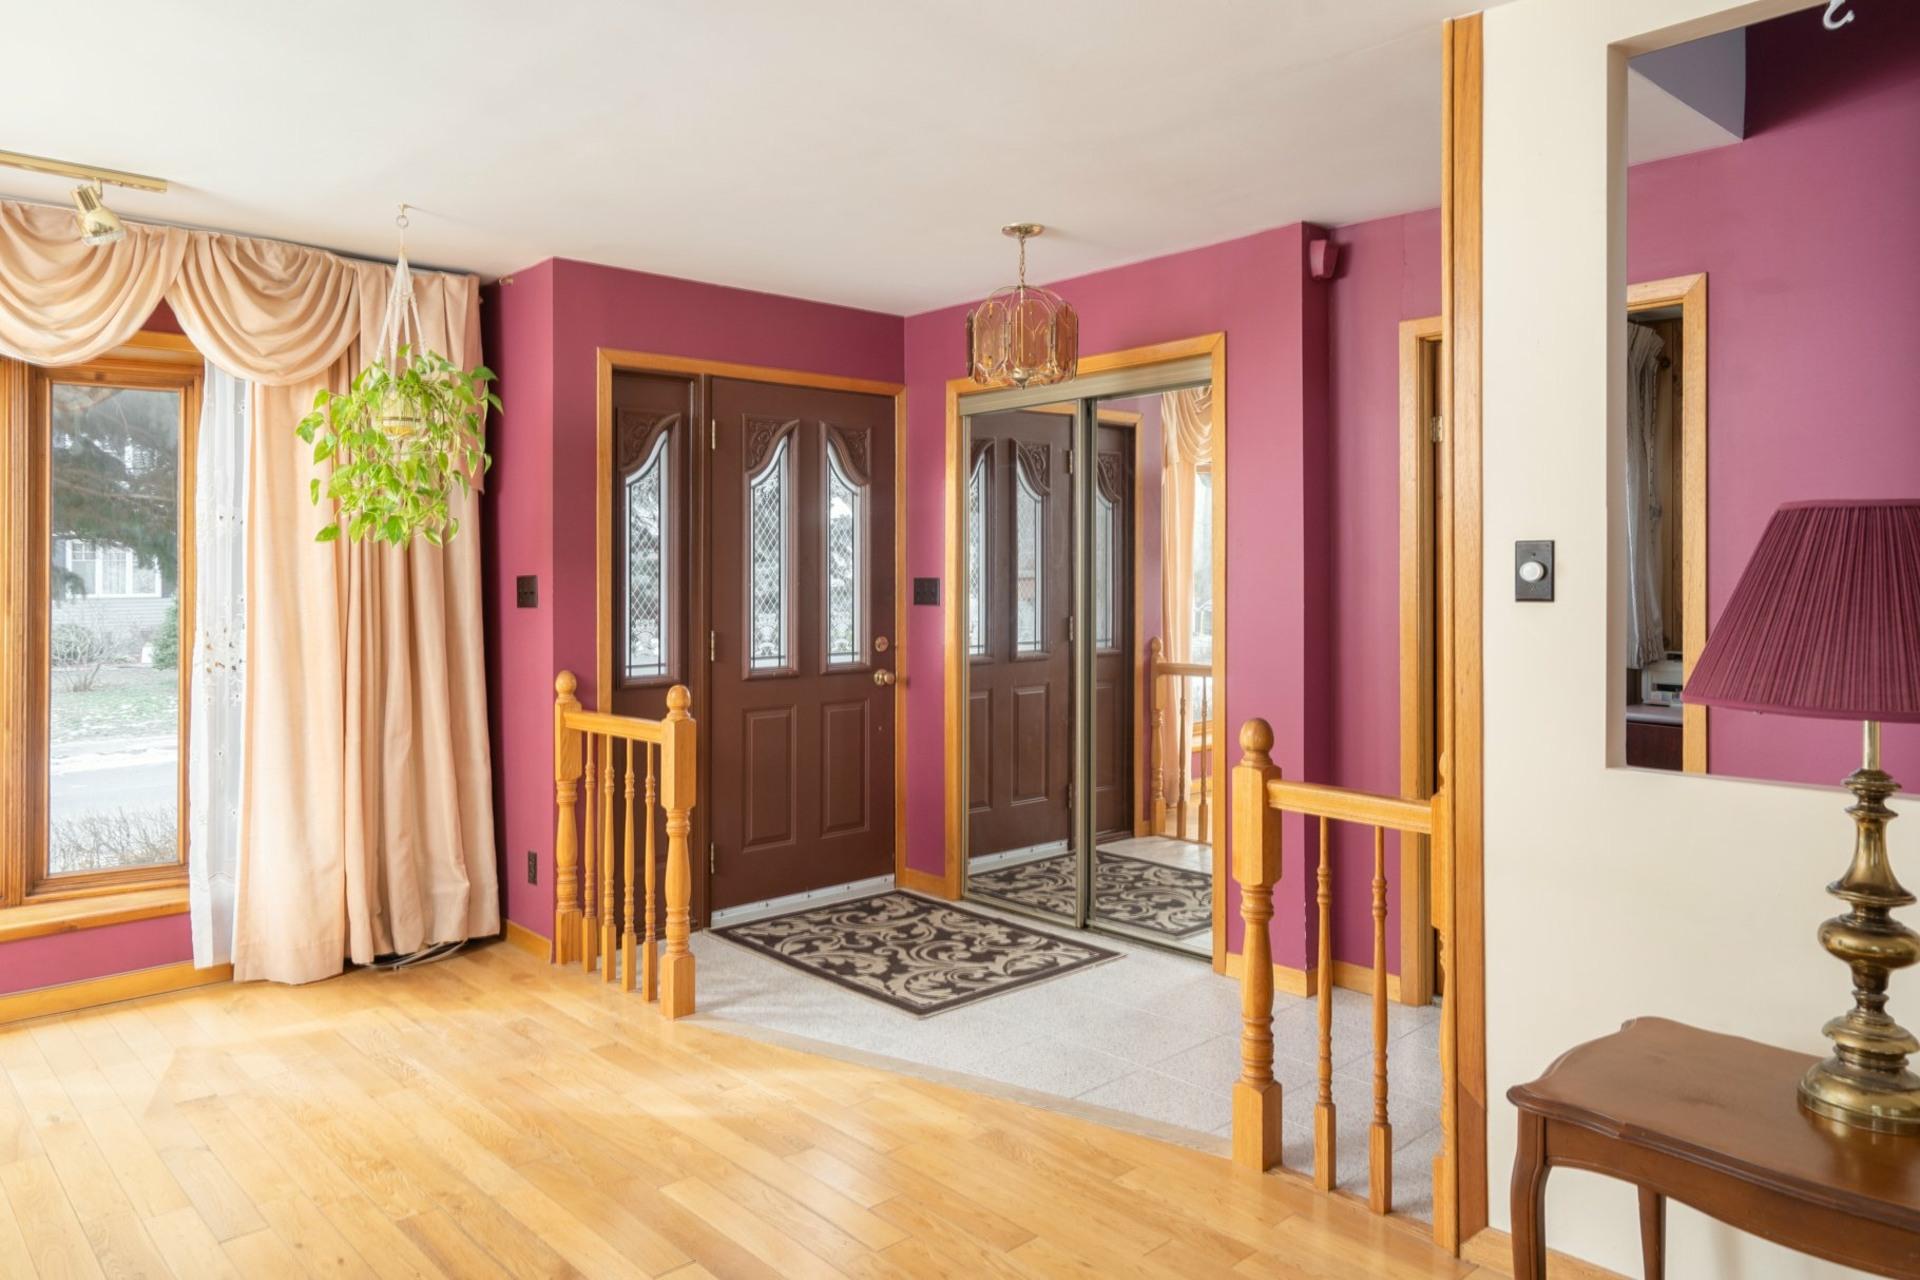 image 2 - House For sale Saint-Laurent Montréal  - 9 rooms